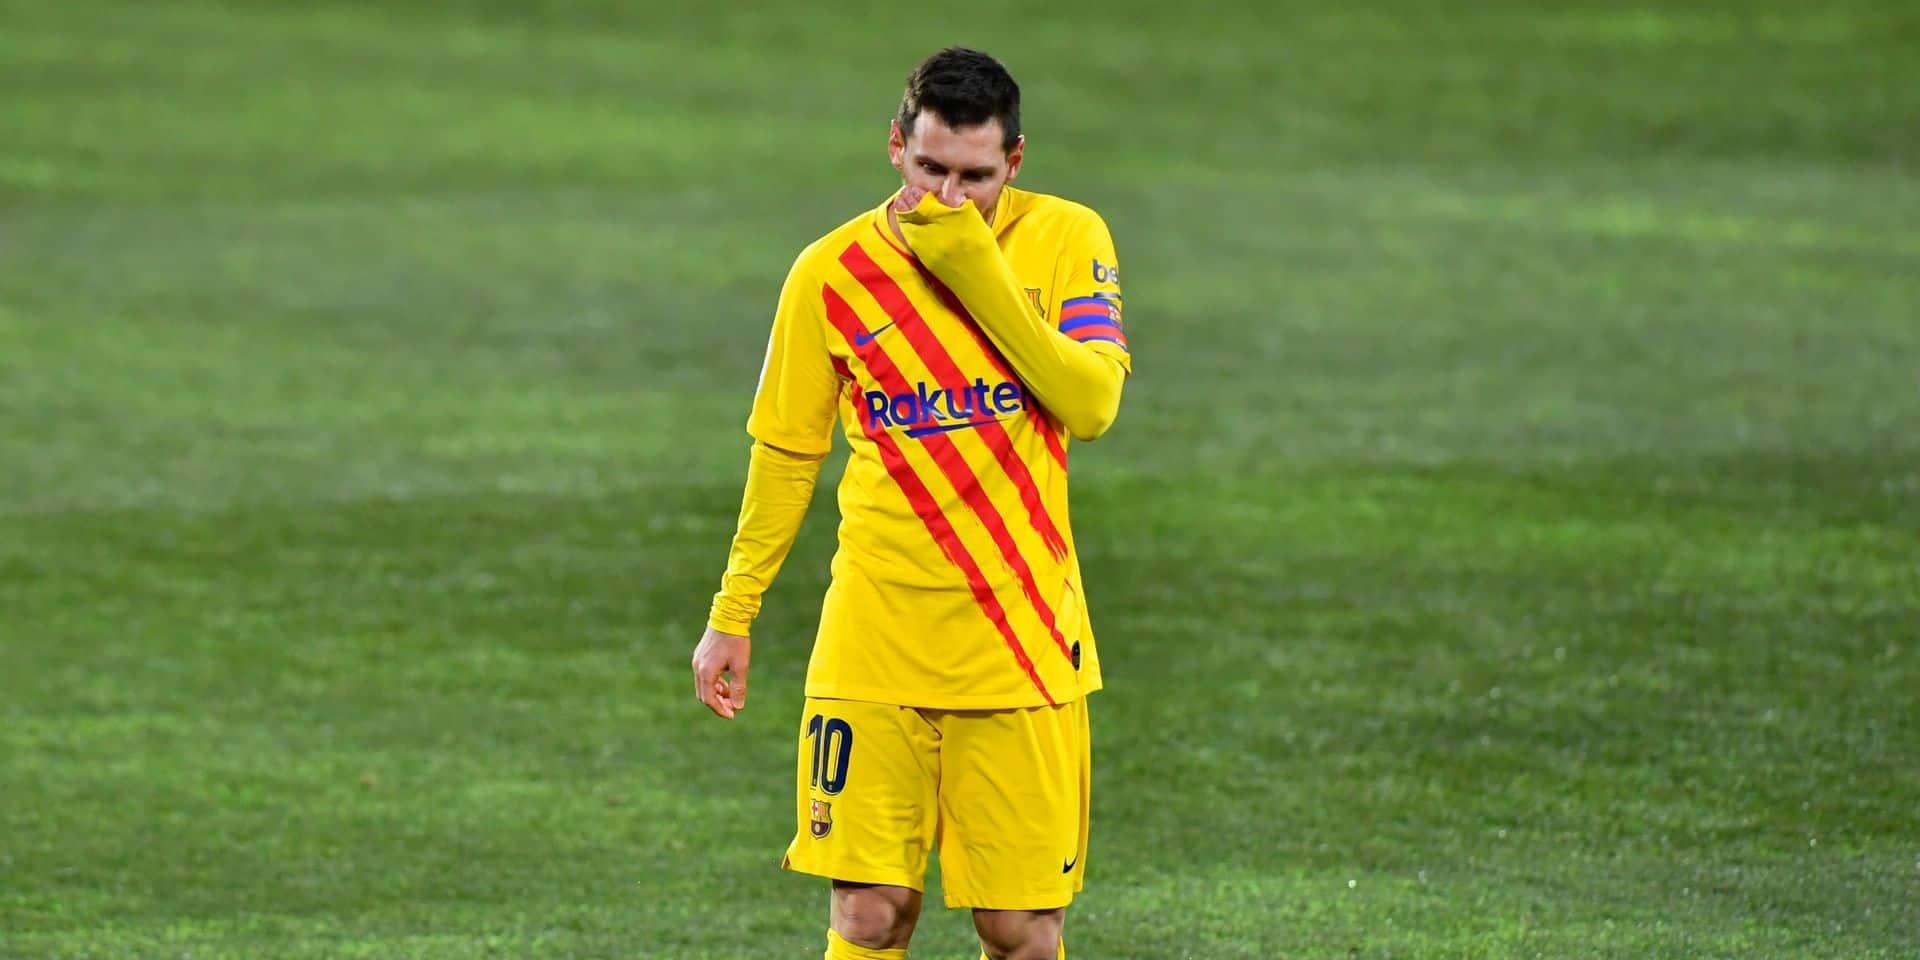 Le Barça complètement dans le rouge: le club a un déficit proche du milliard d'euros !